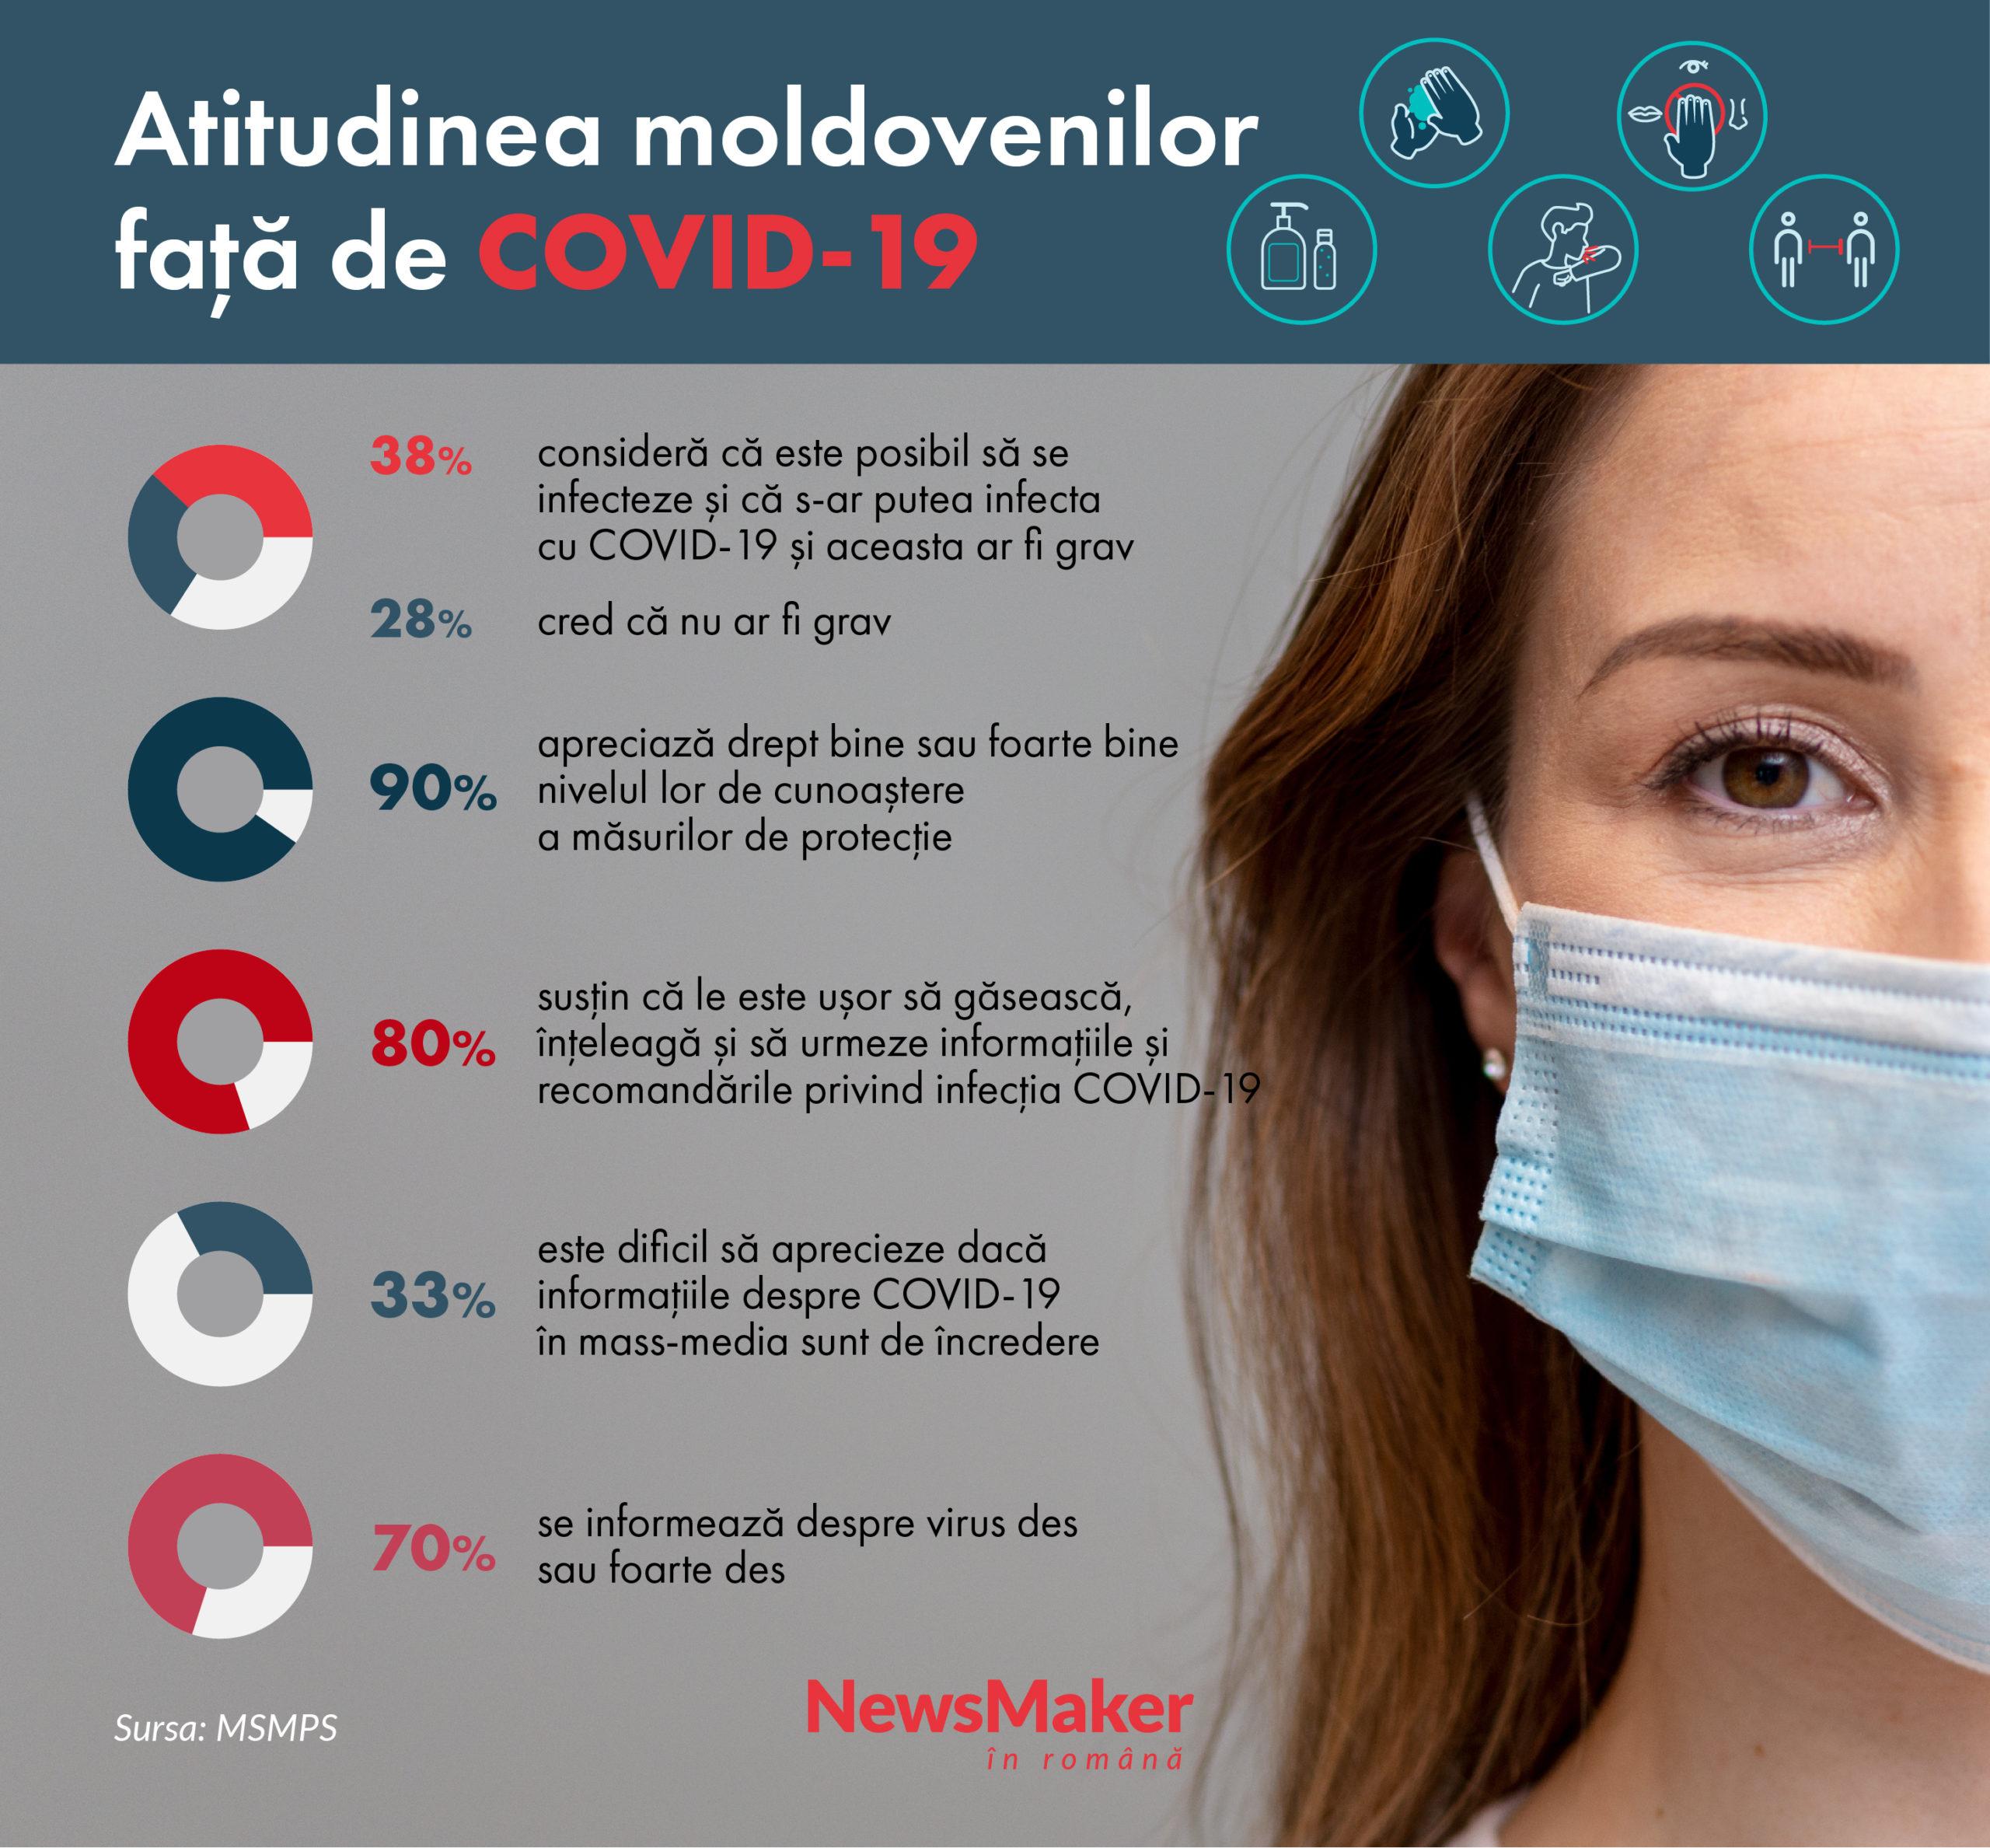 Studiu: 38% dintre moldoveni consideră că este posibil să se infecteze cu COVID-19